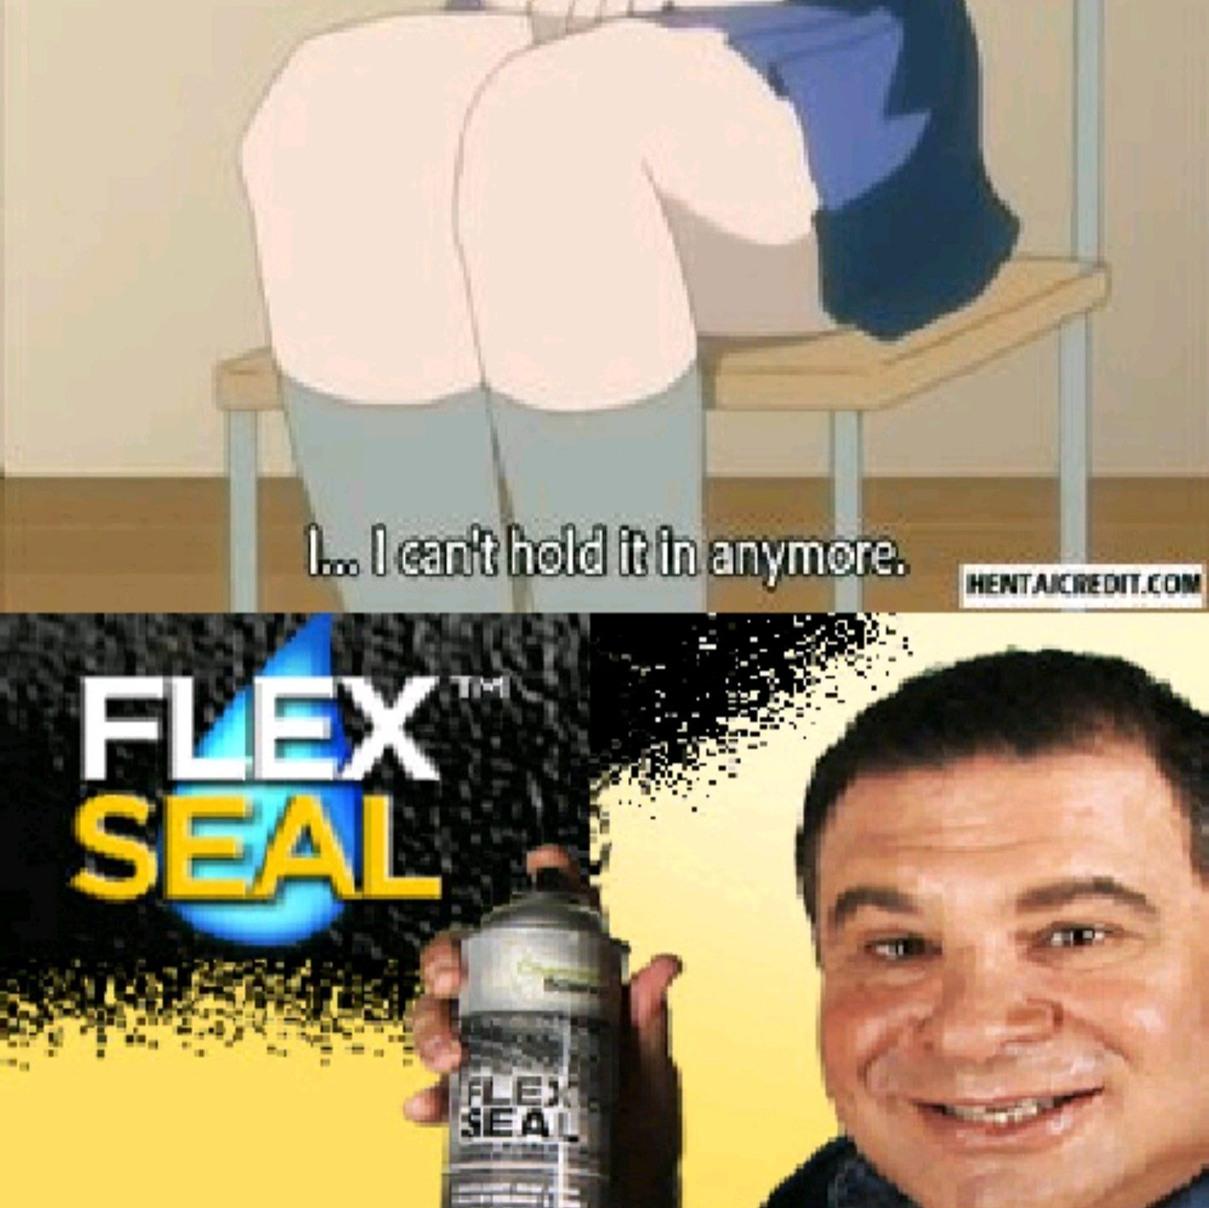 Stop leaks even under water - meme